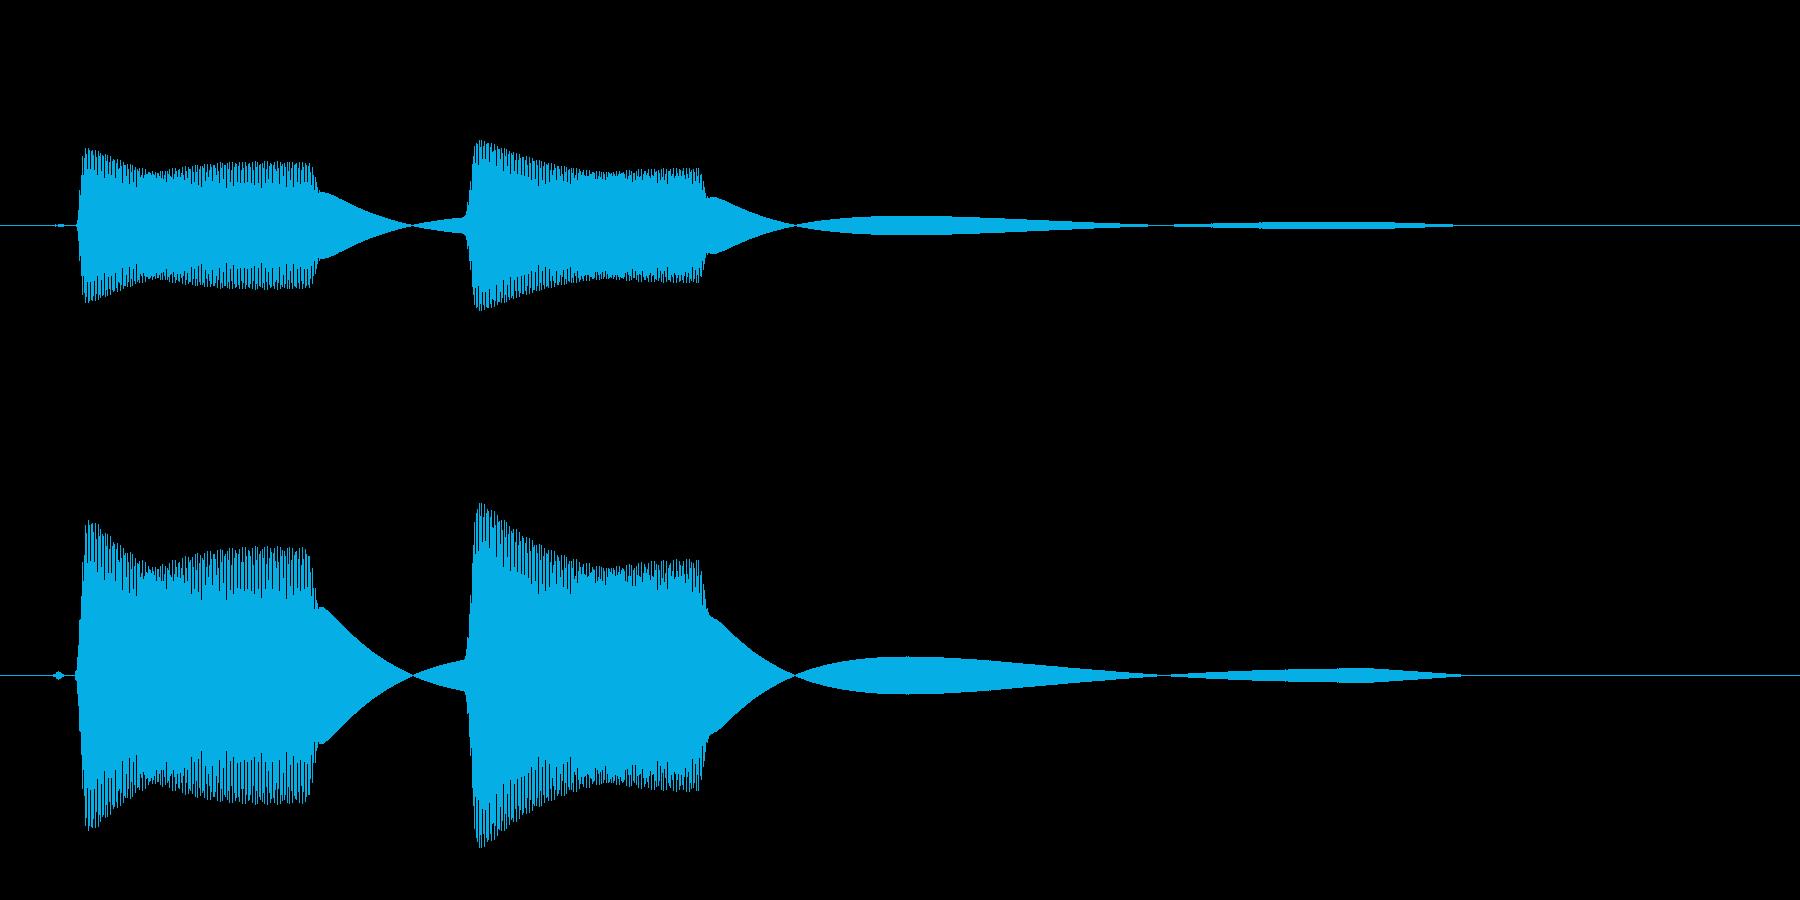 ピピッ(高い音色)短いの再生済みの波形